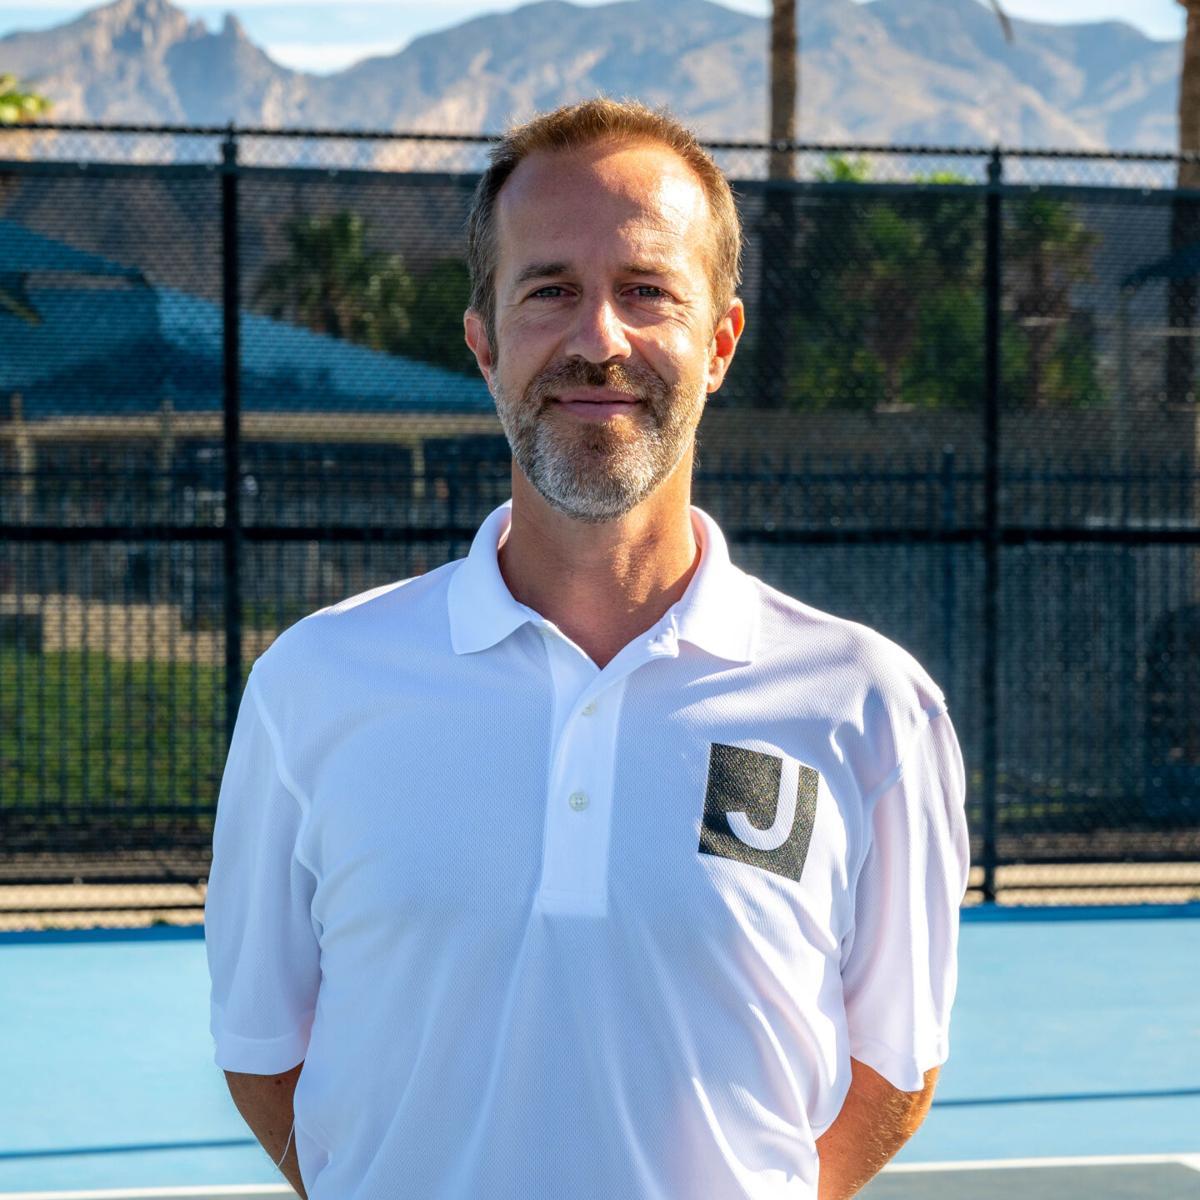 101021-tuc-spt-tennis-p2